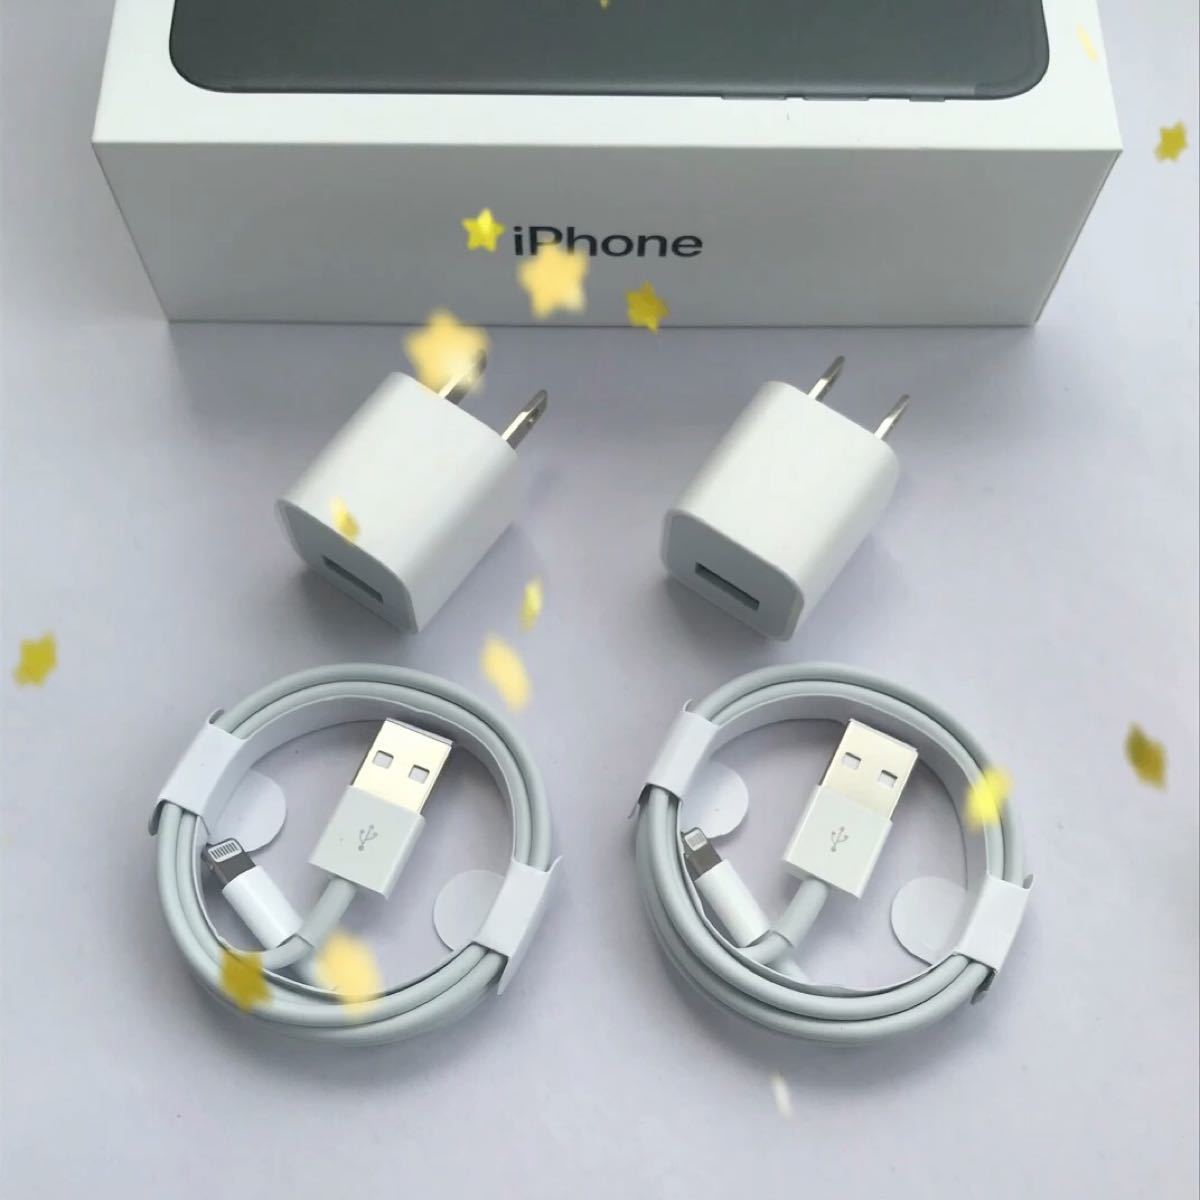 iPhone 充電器 充電ケーブル コード lightning cable 4点セット ライトニングケーブル アダプタ スマホ